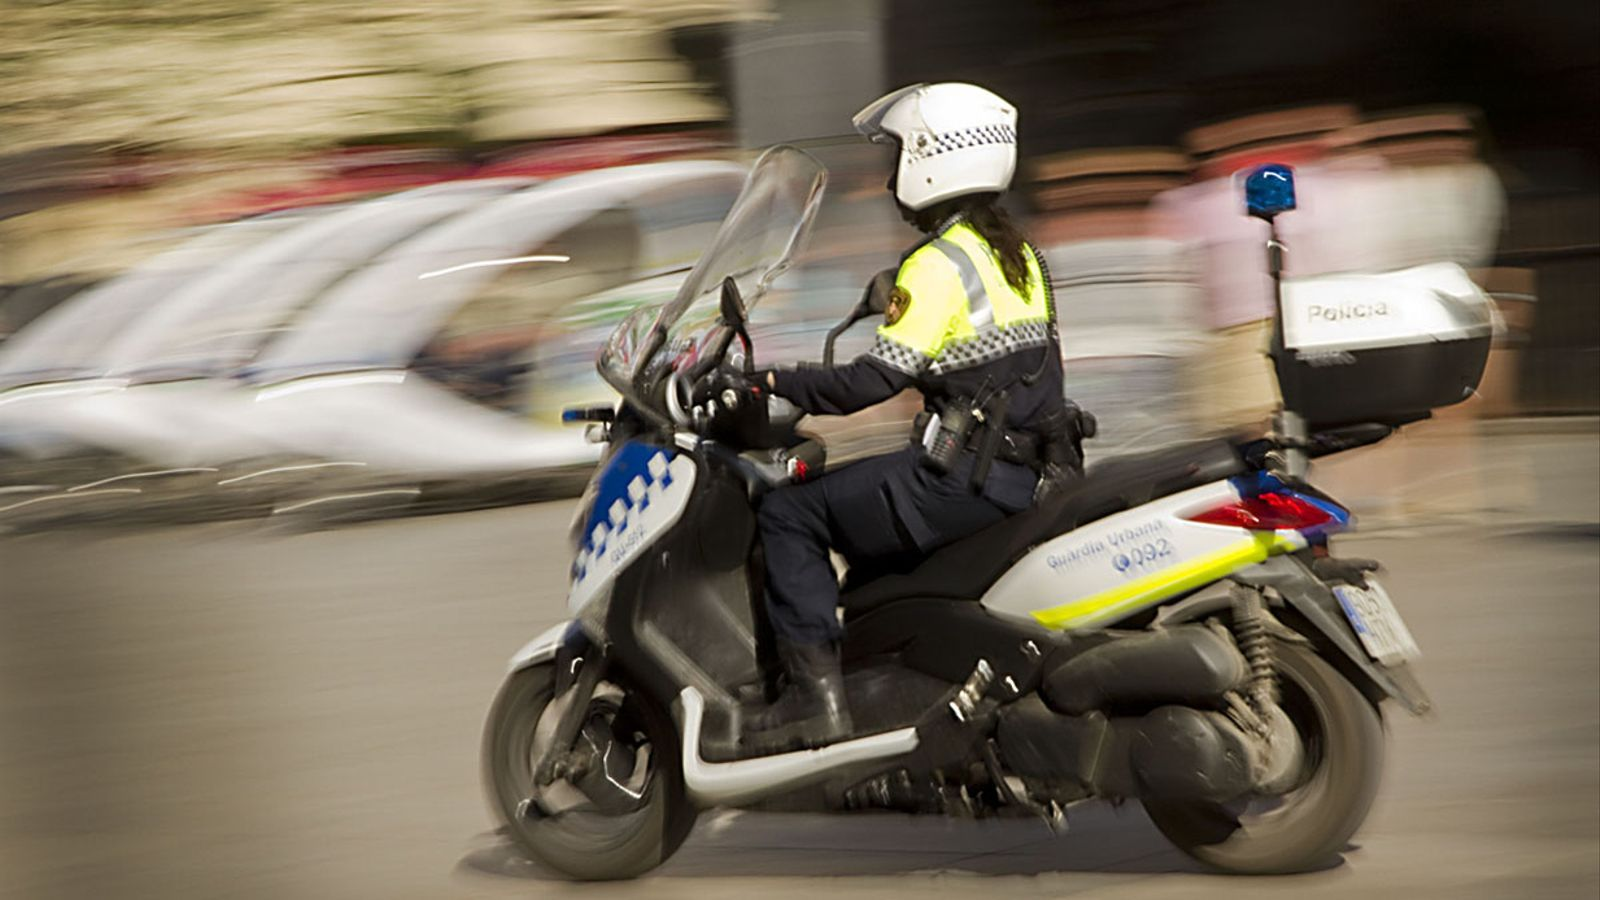 Una agent de la Guardia Urbana en moto. RUTH MARIGOT